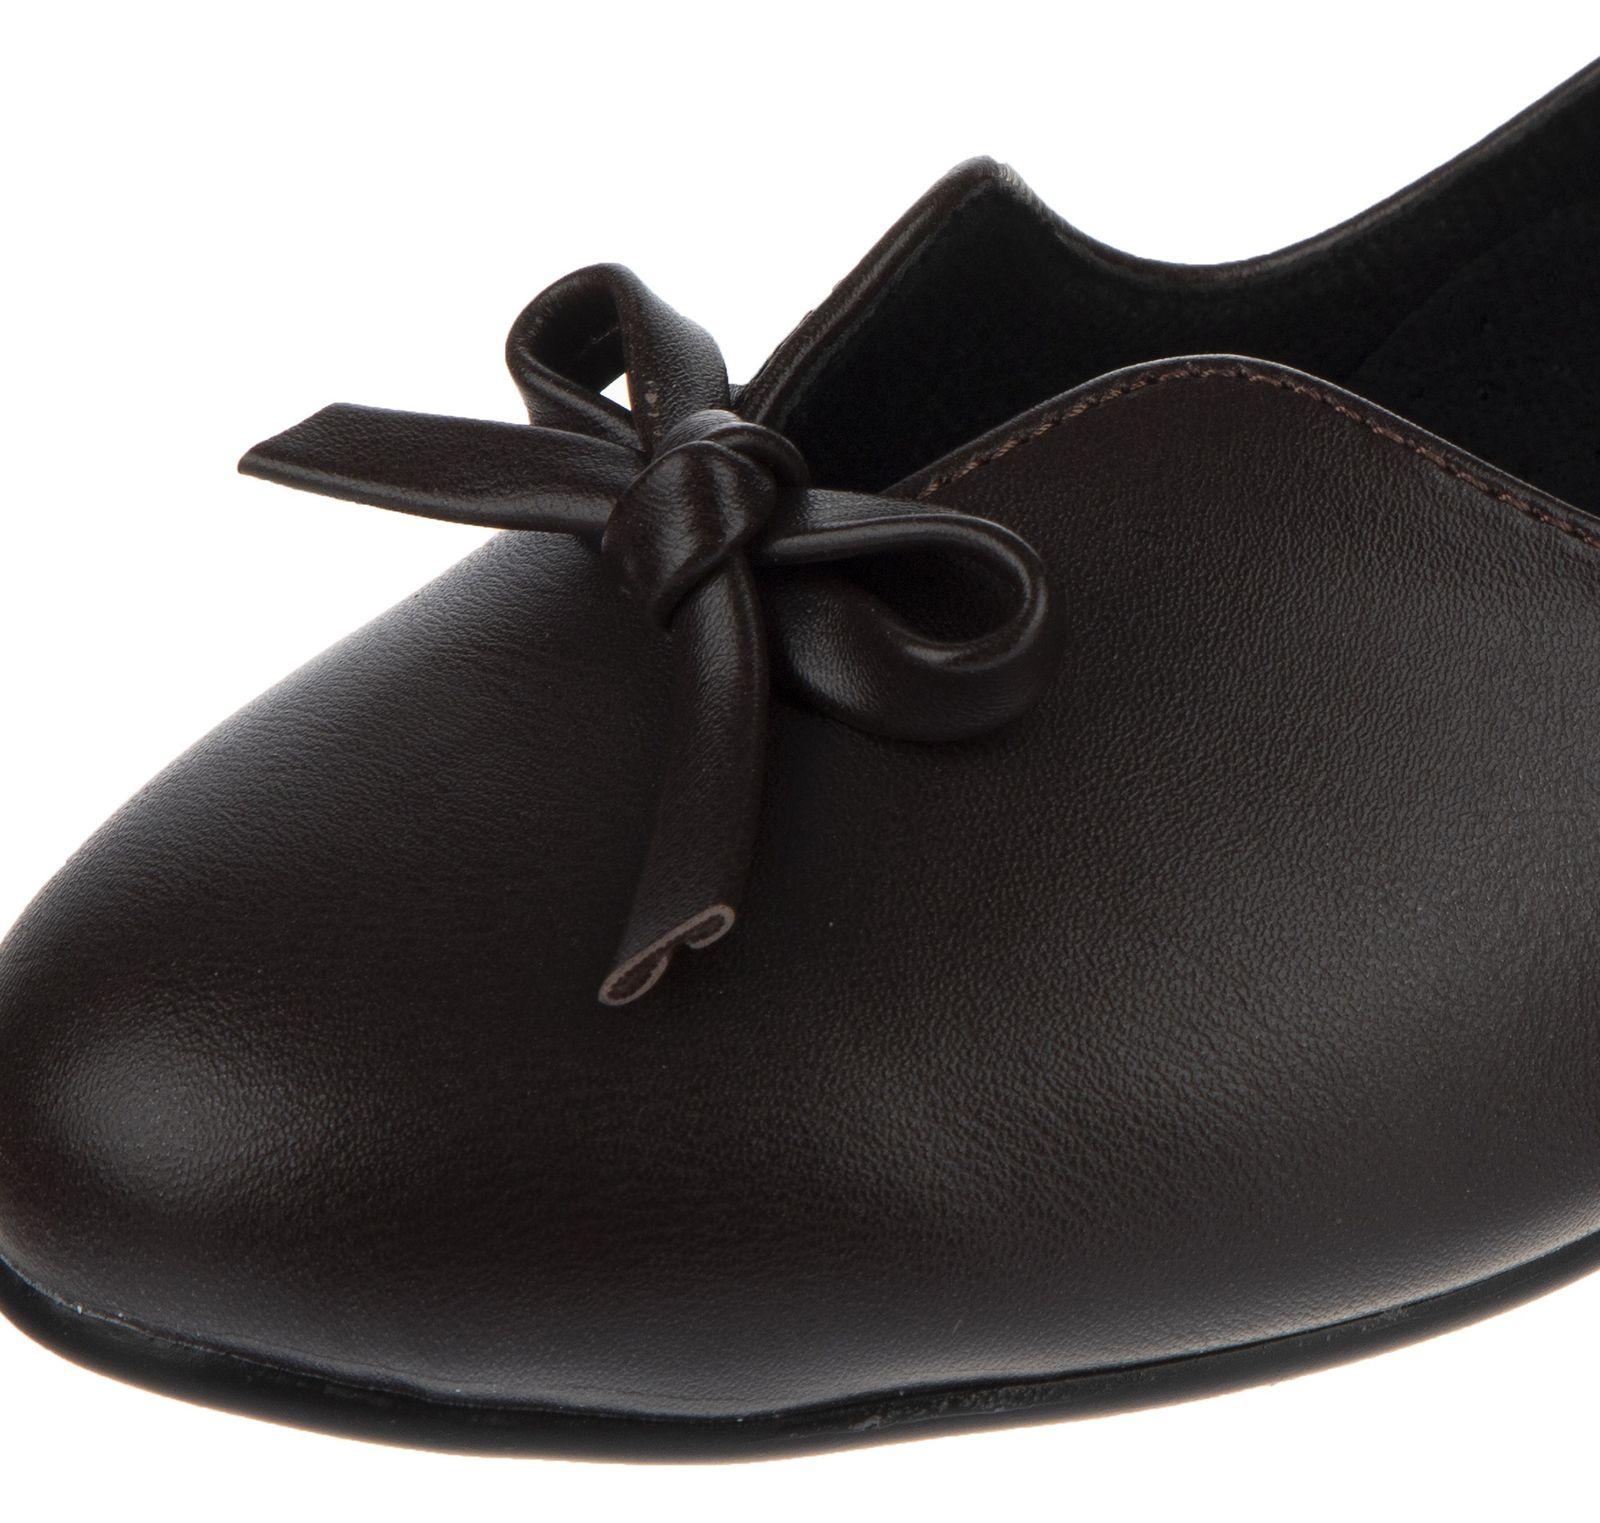 کفش تخت زنانه ام تو مدل 324-0006 -  - 6